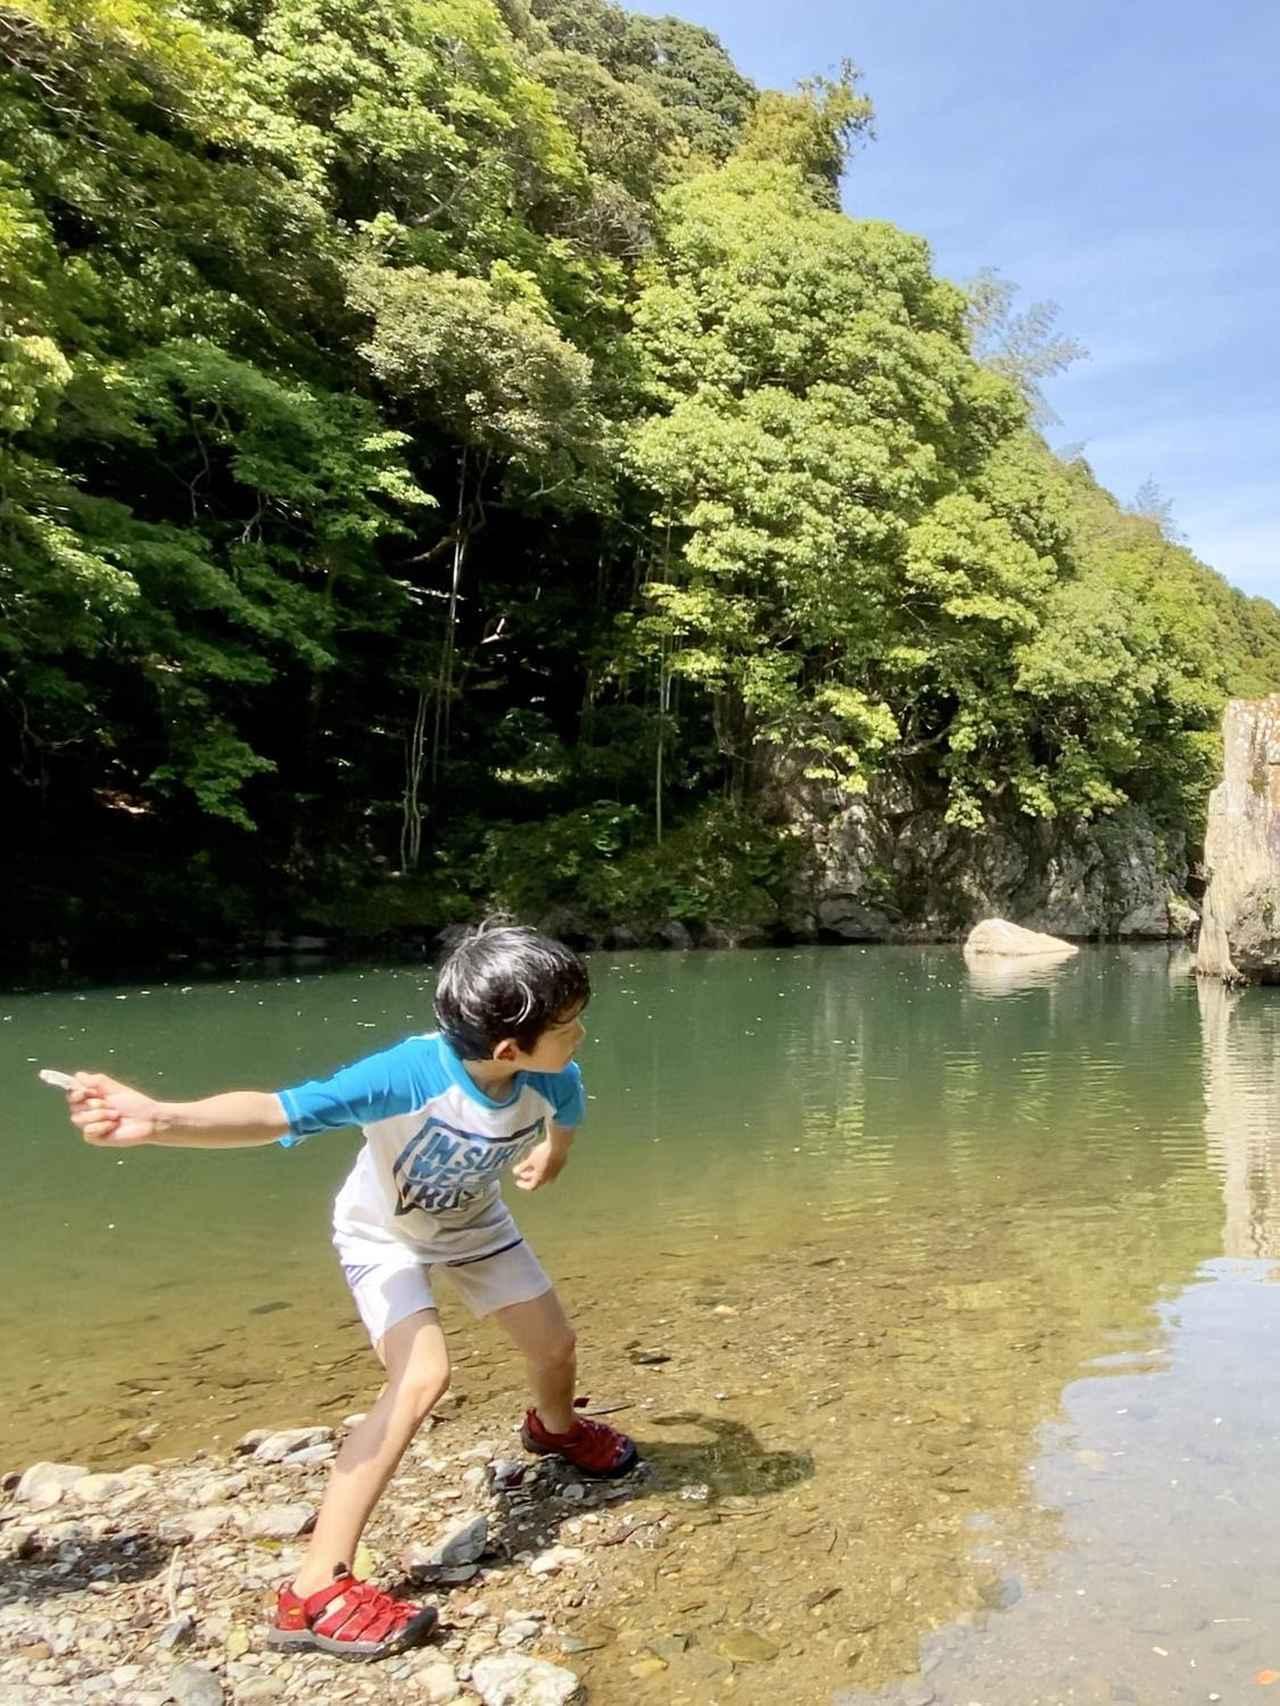 画像1: ウォーターシューズは水遊びに必須! 選び方&おすすめのキッズマリンシューズ9選